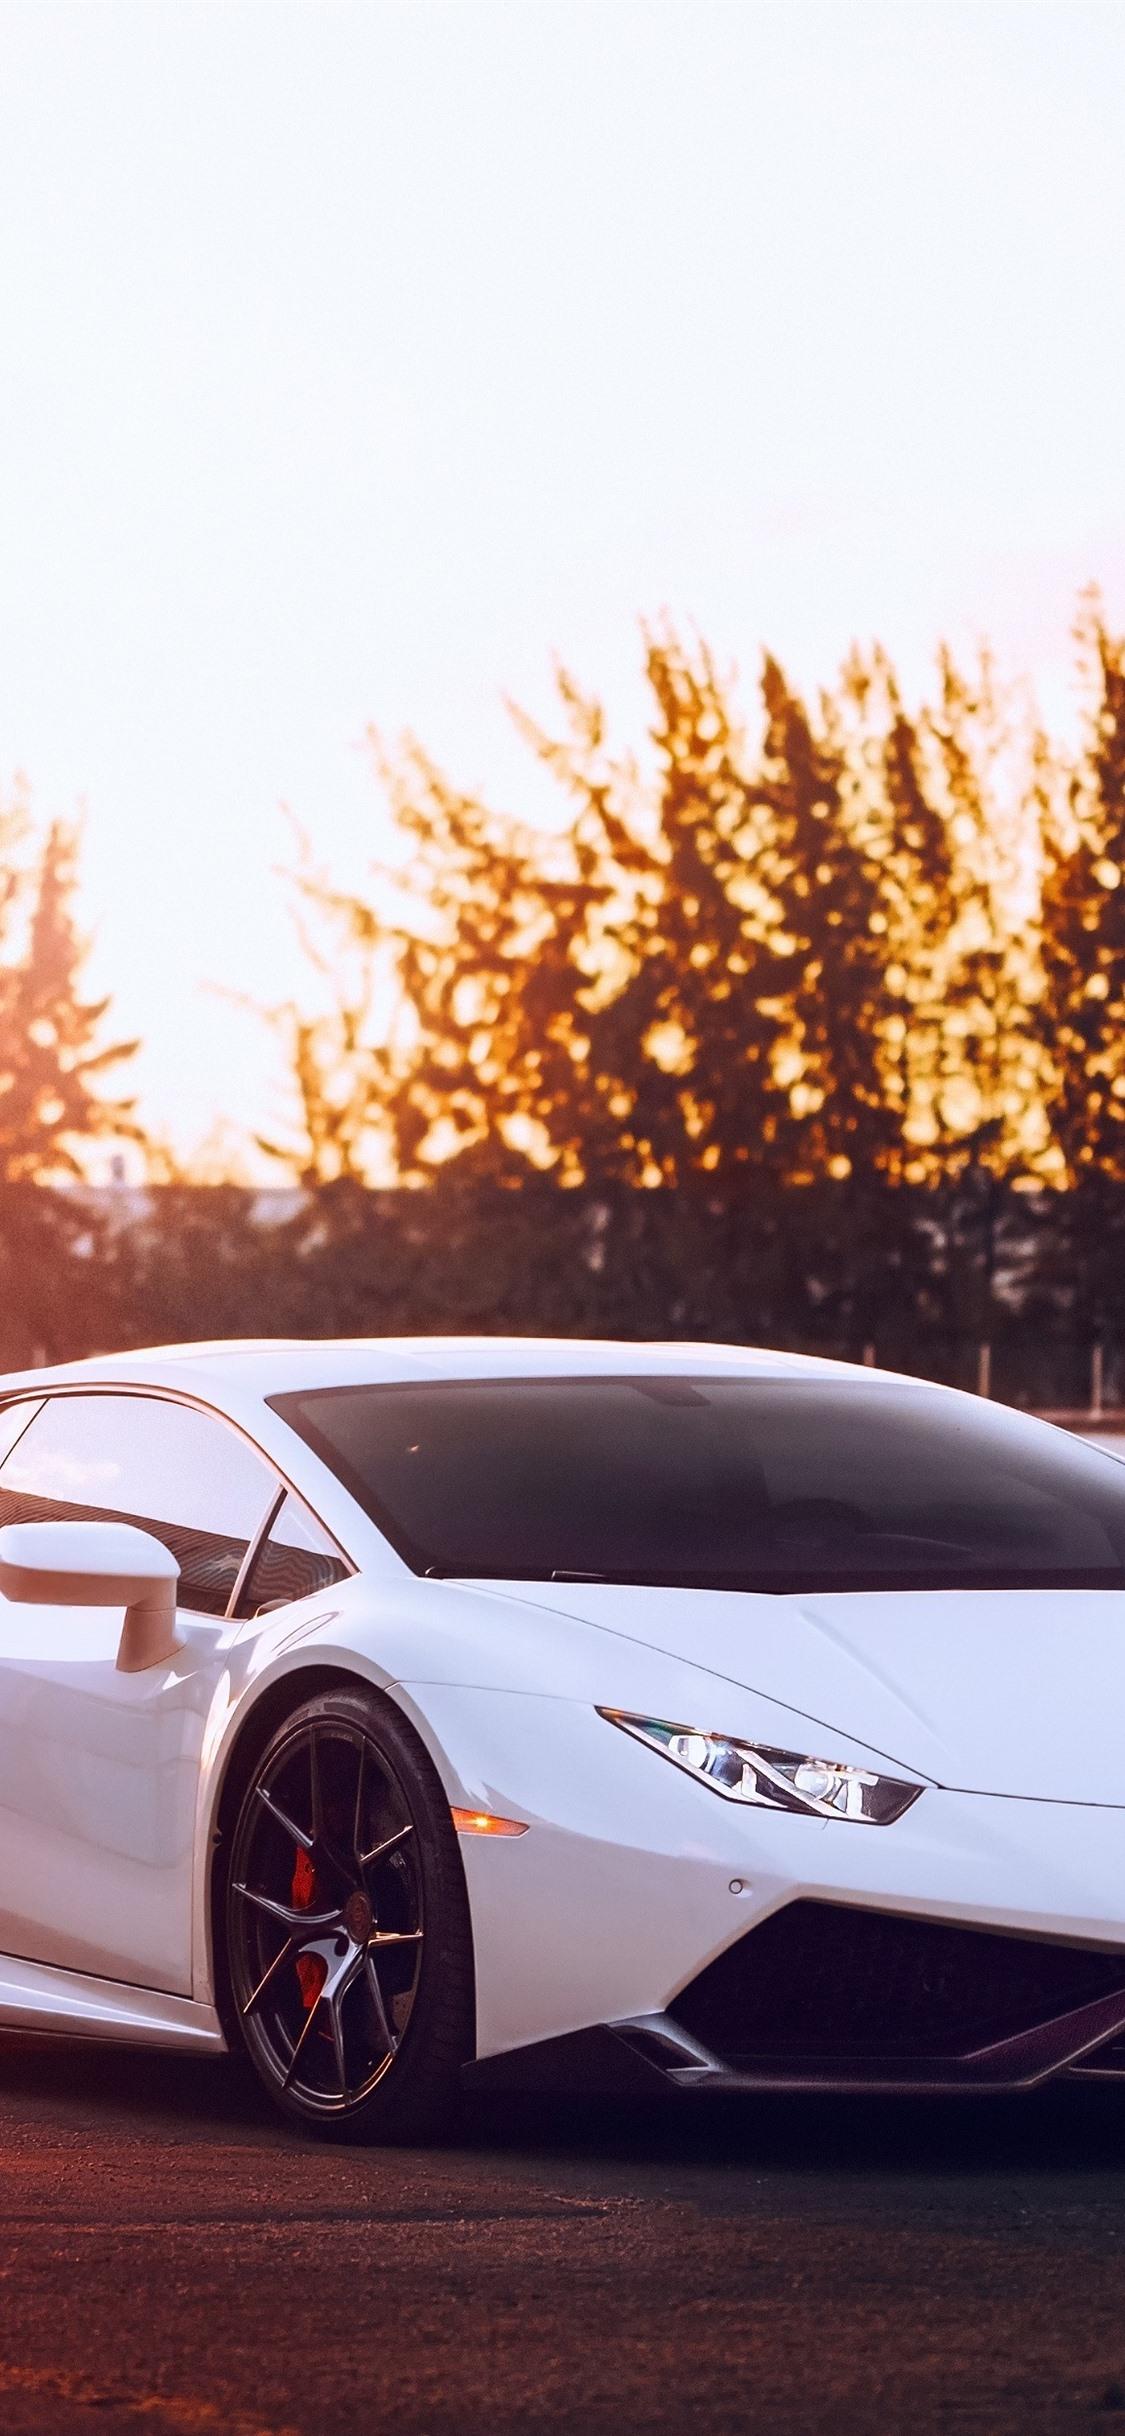 ランボルギーニウラカンホワイトスーパーカー 夕日 グレア 1125x2436